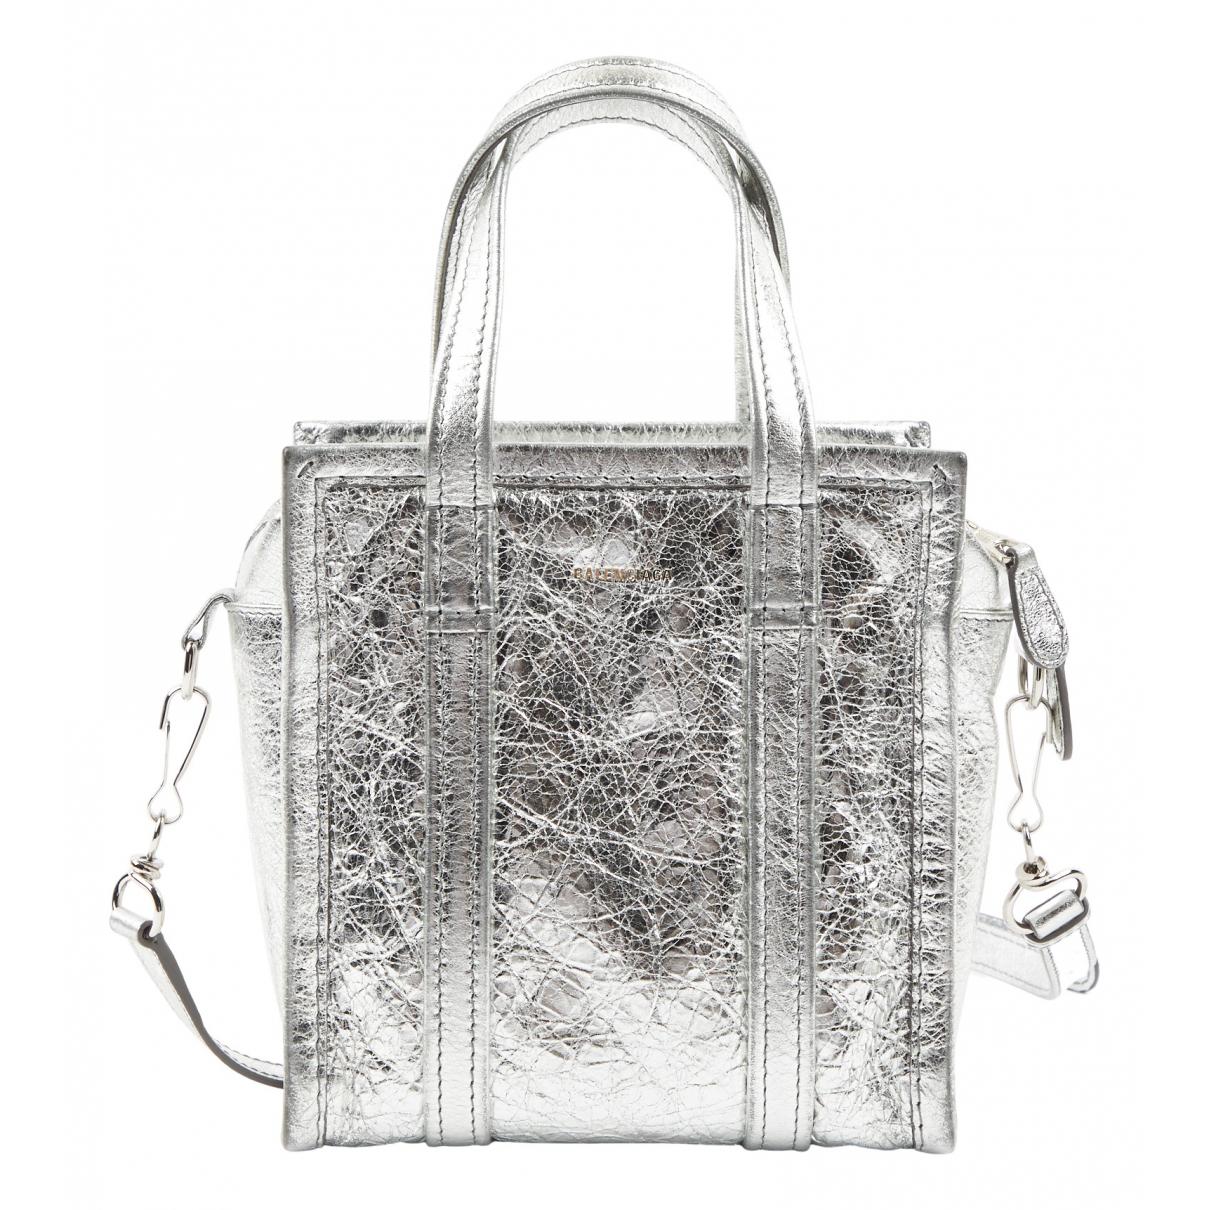 Balenciaga Bazar Bag Handtasche in  Silber Leder